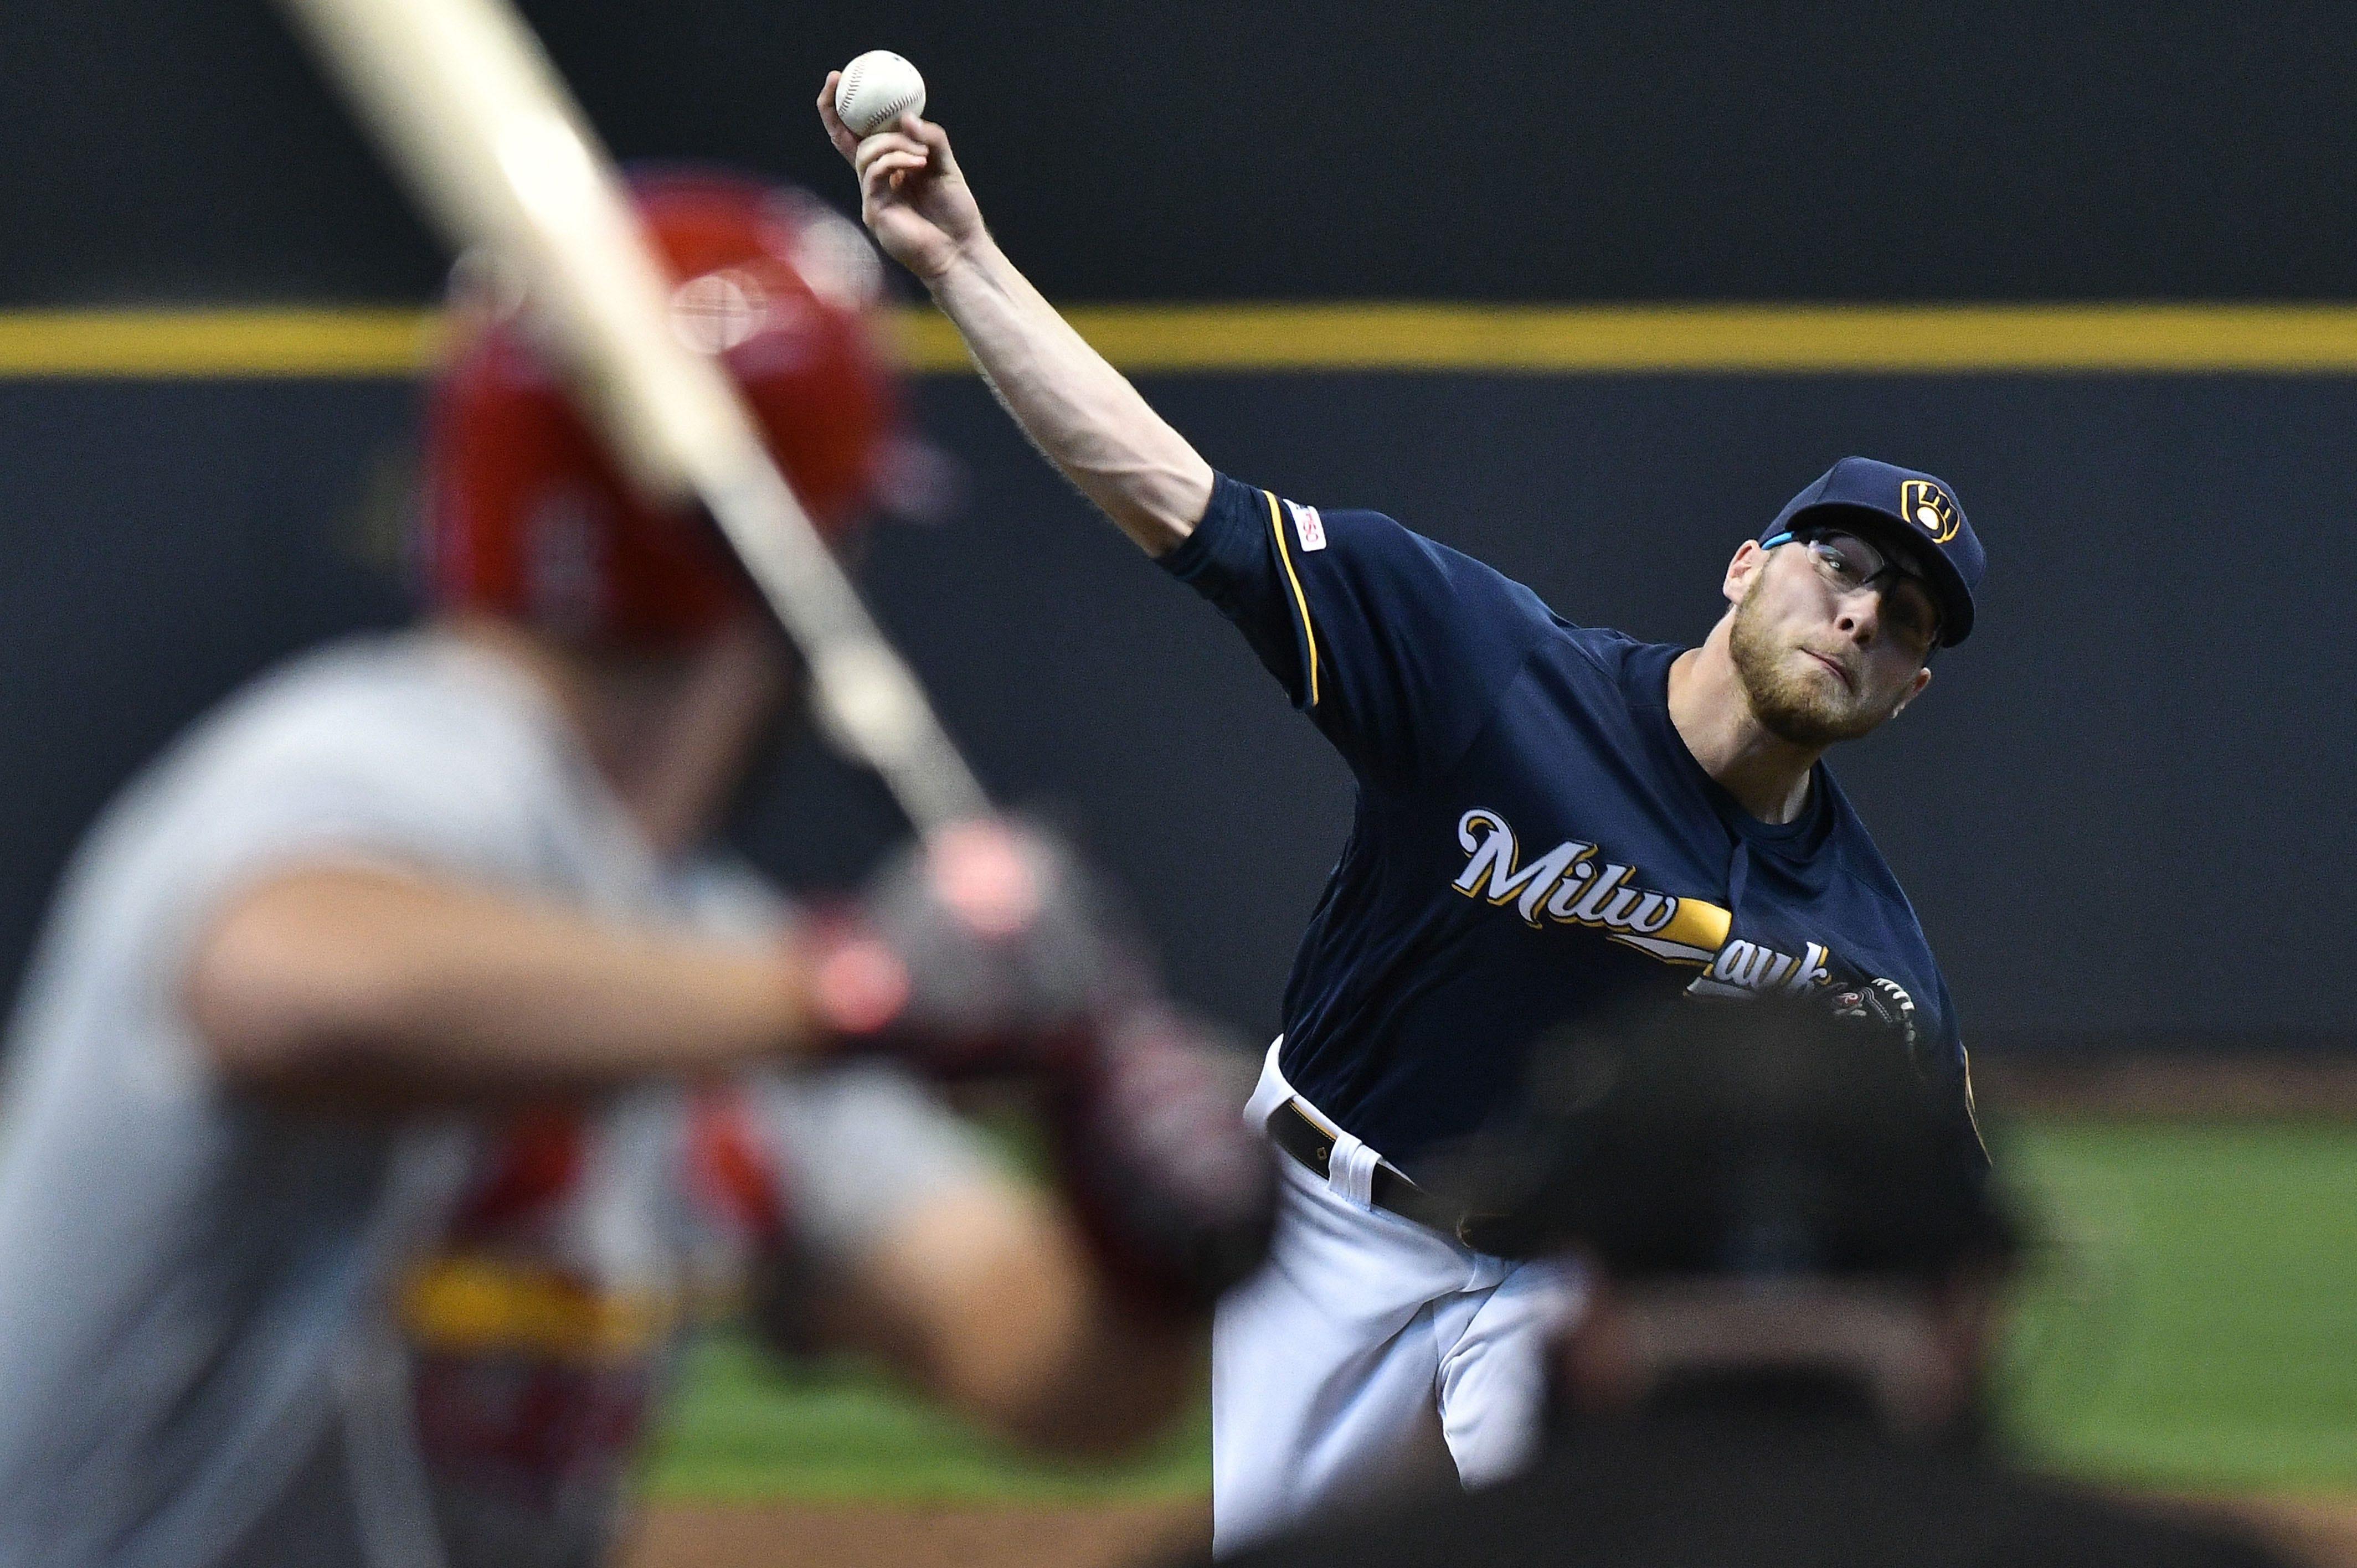 df176a16cc2 636911346021345401-USP-MLB--St.-Louis-Cardinals-at-Milwaukee-Brewers.jpg